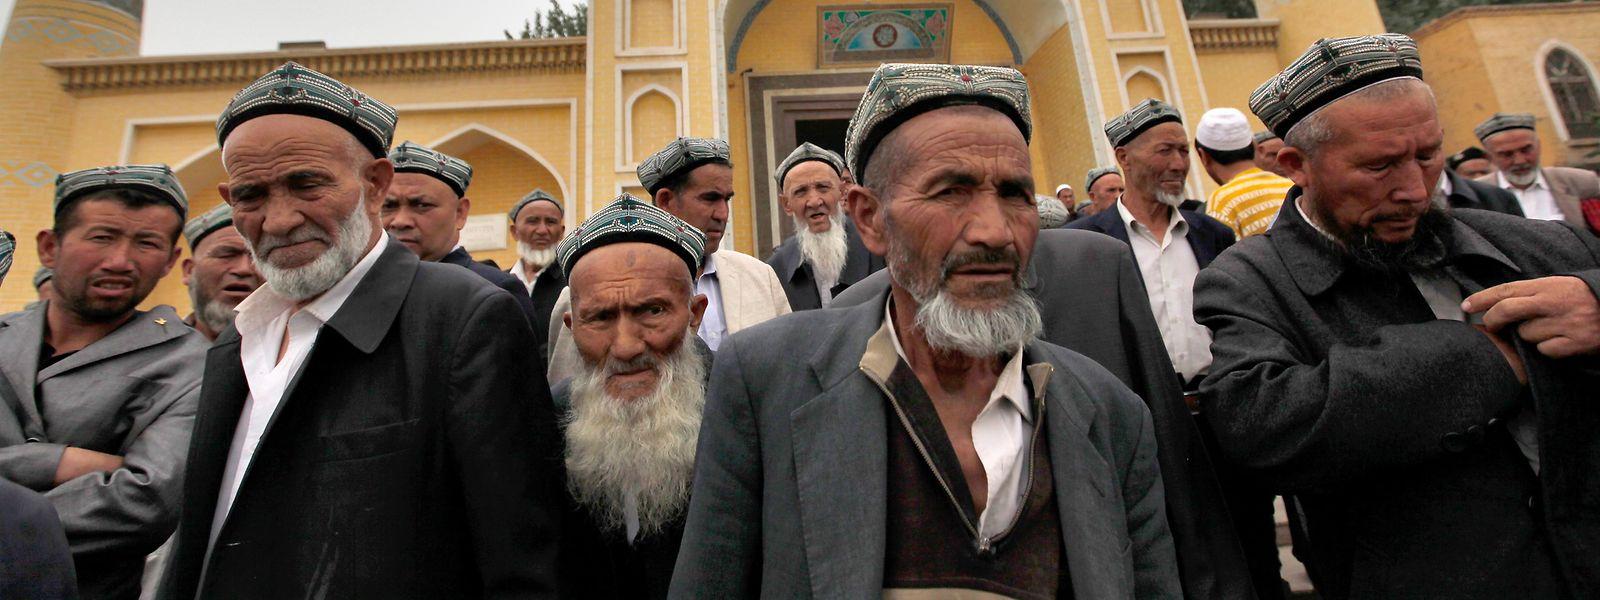 Die muslimische Minderheit der Uiguren wird systematisch verfolgt und in Umerziehungslager gesteckt.